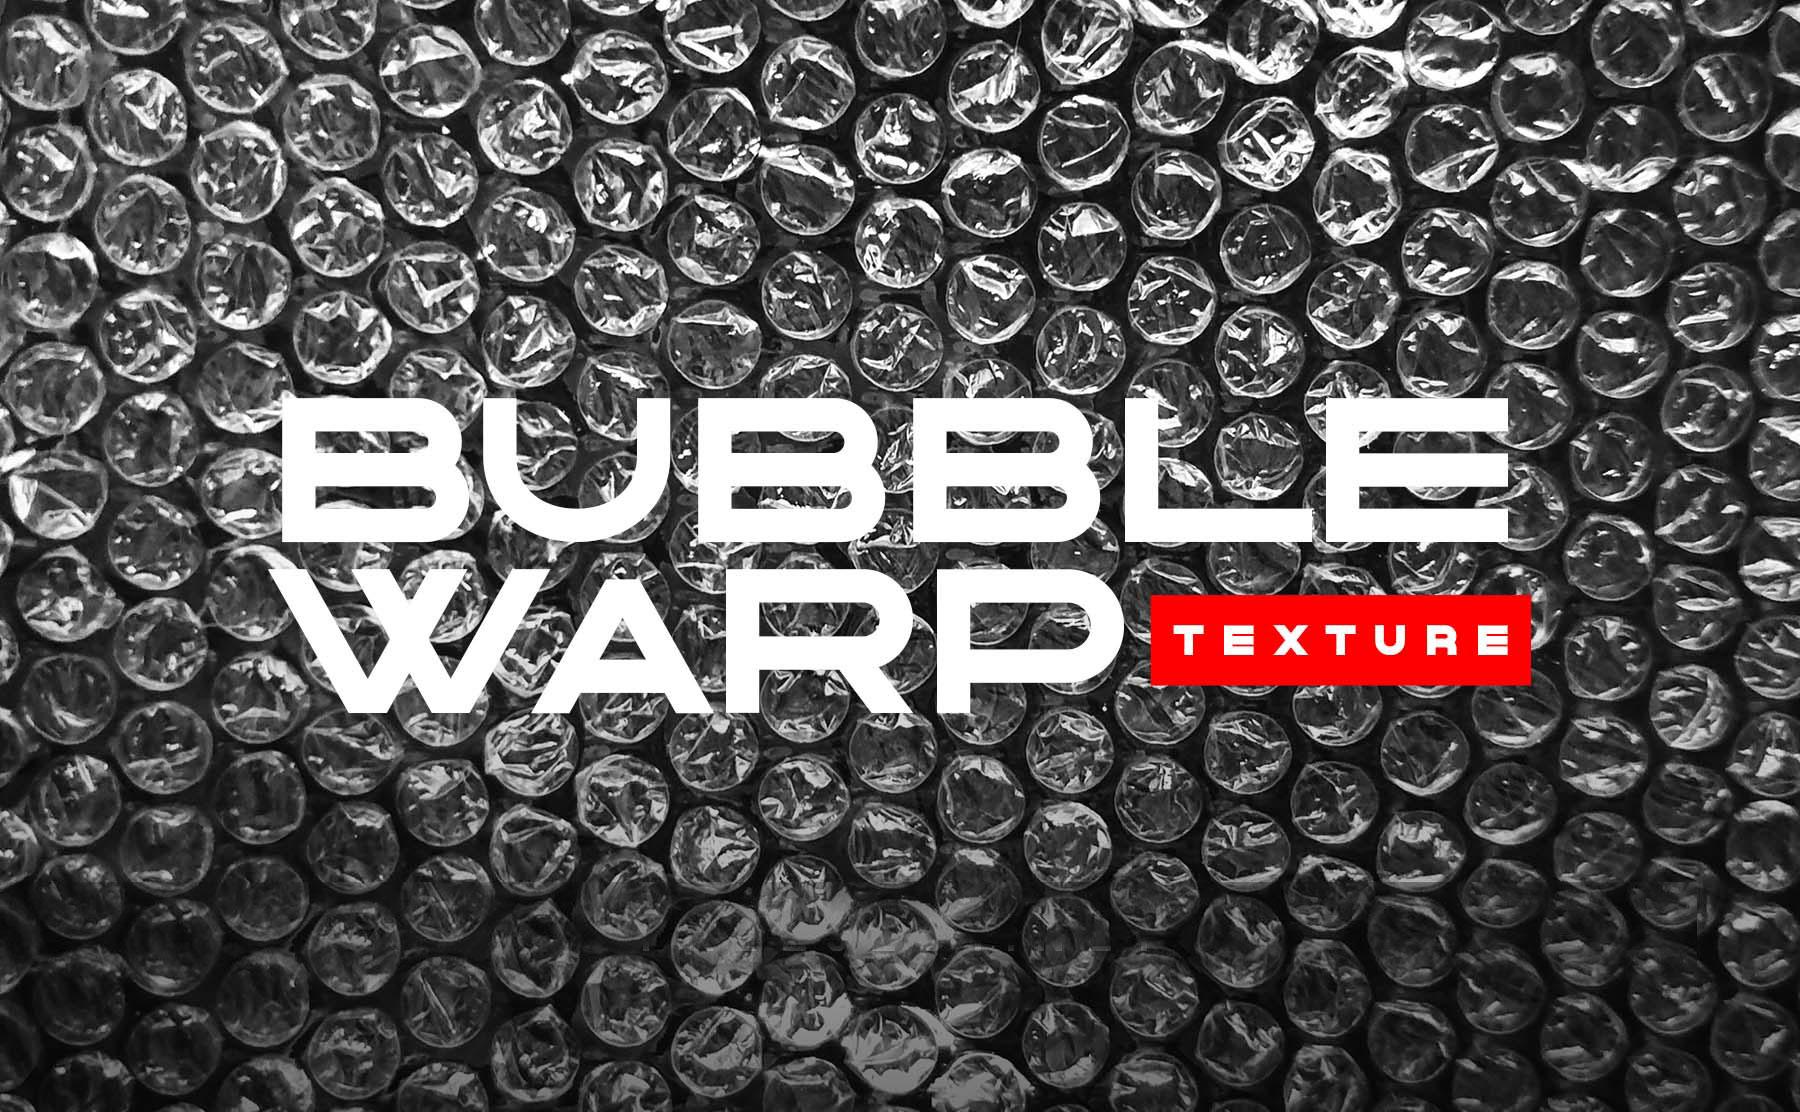 潮流快递气泡塑料包装袋纹理背景图片素材 Bubble Warp Texture For Background Overlay插图